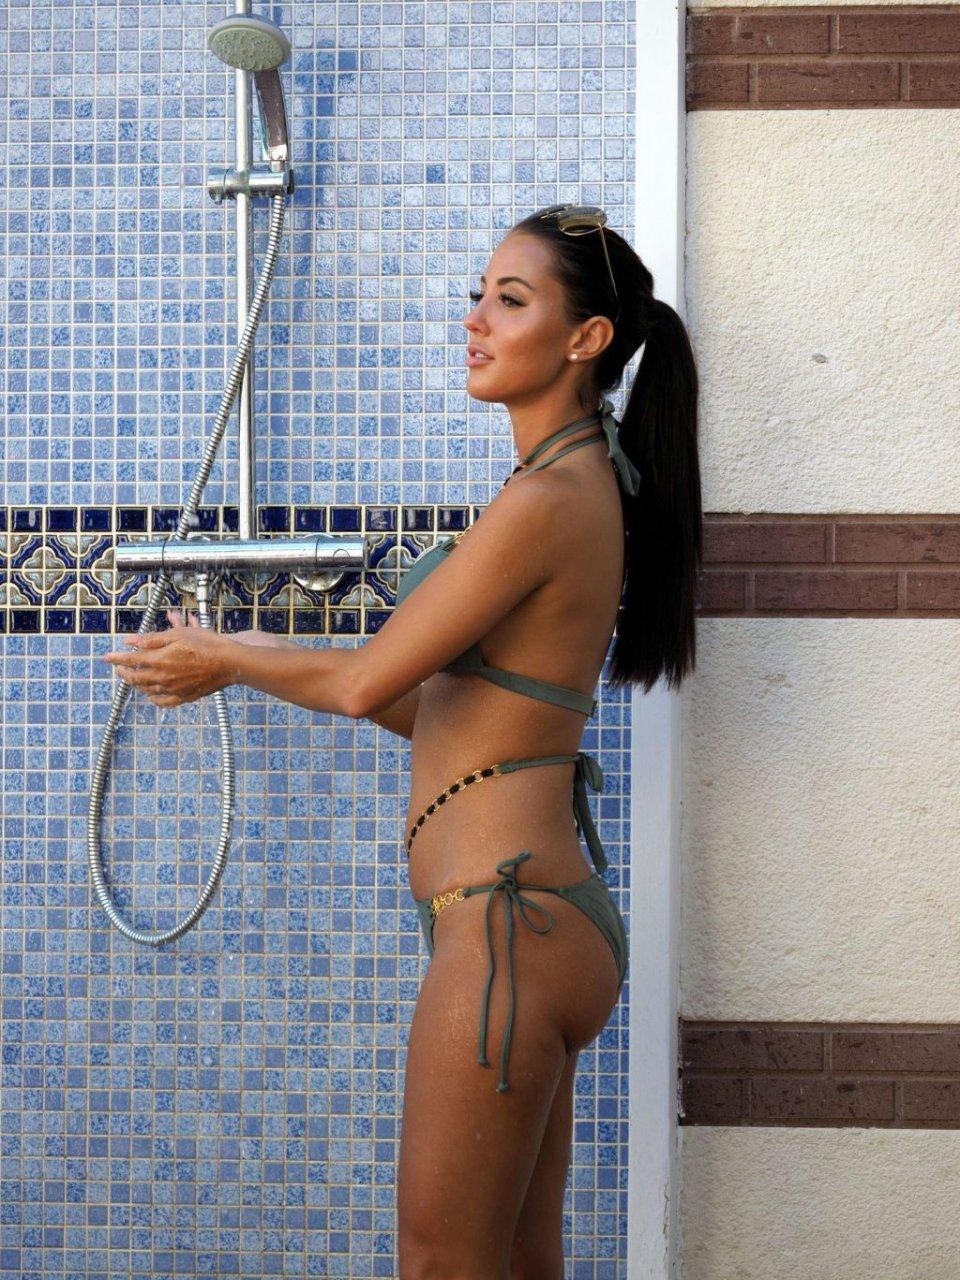 Yazmin Oukhellou Sexy (48 Hot Photos)